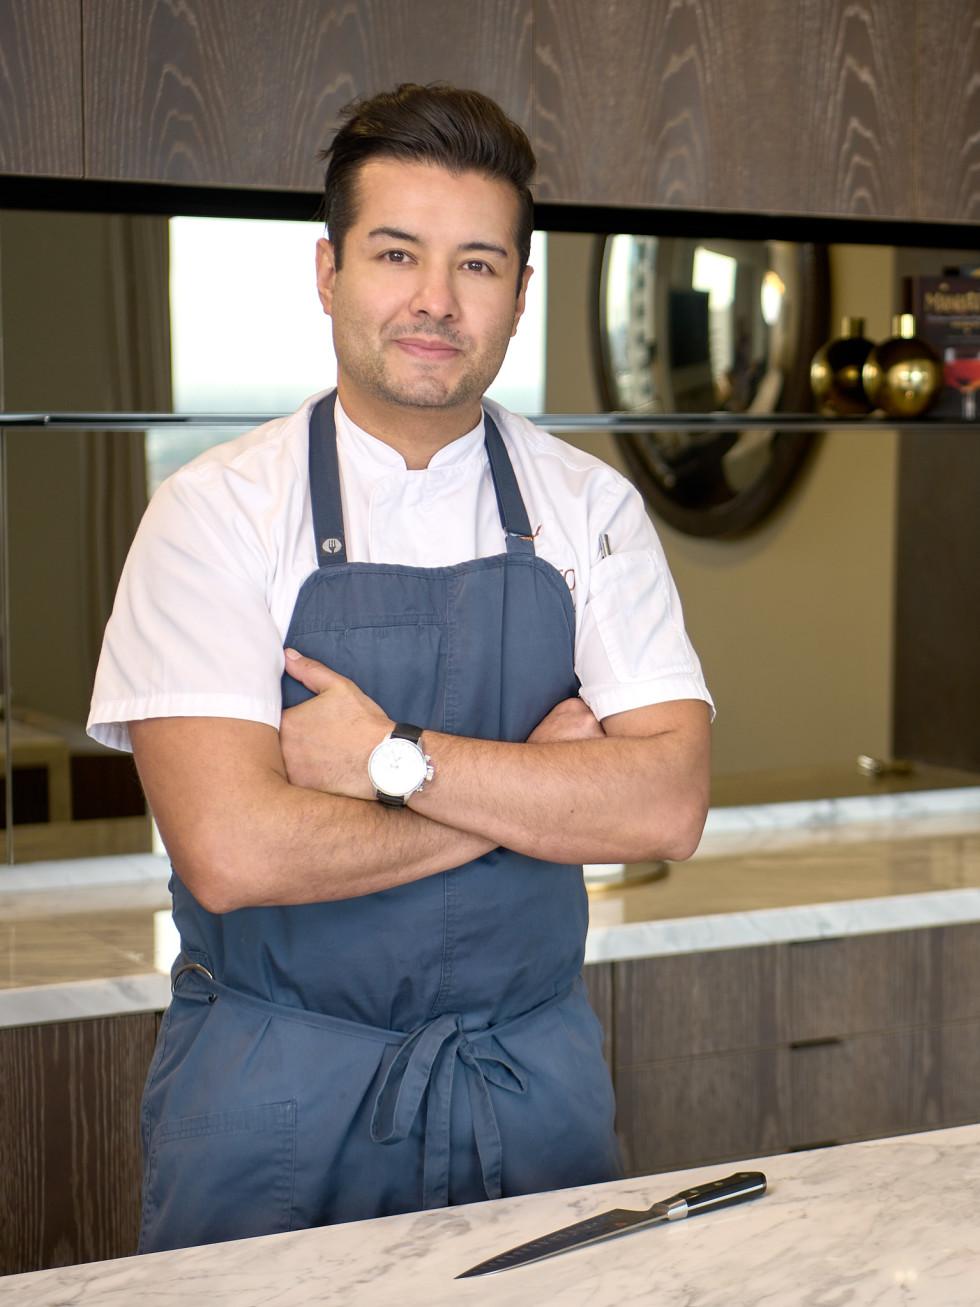 Rafael Villalpando Toro Toro Four Seasons Houston